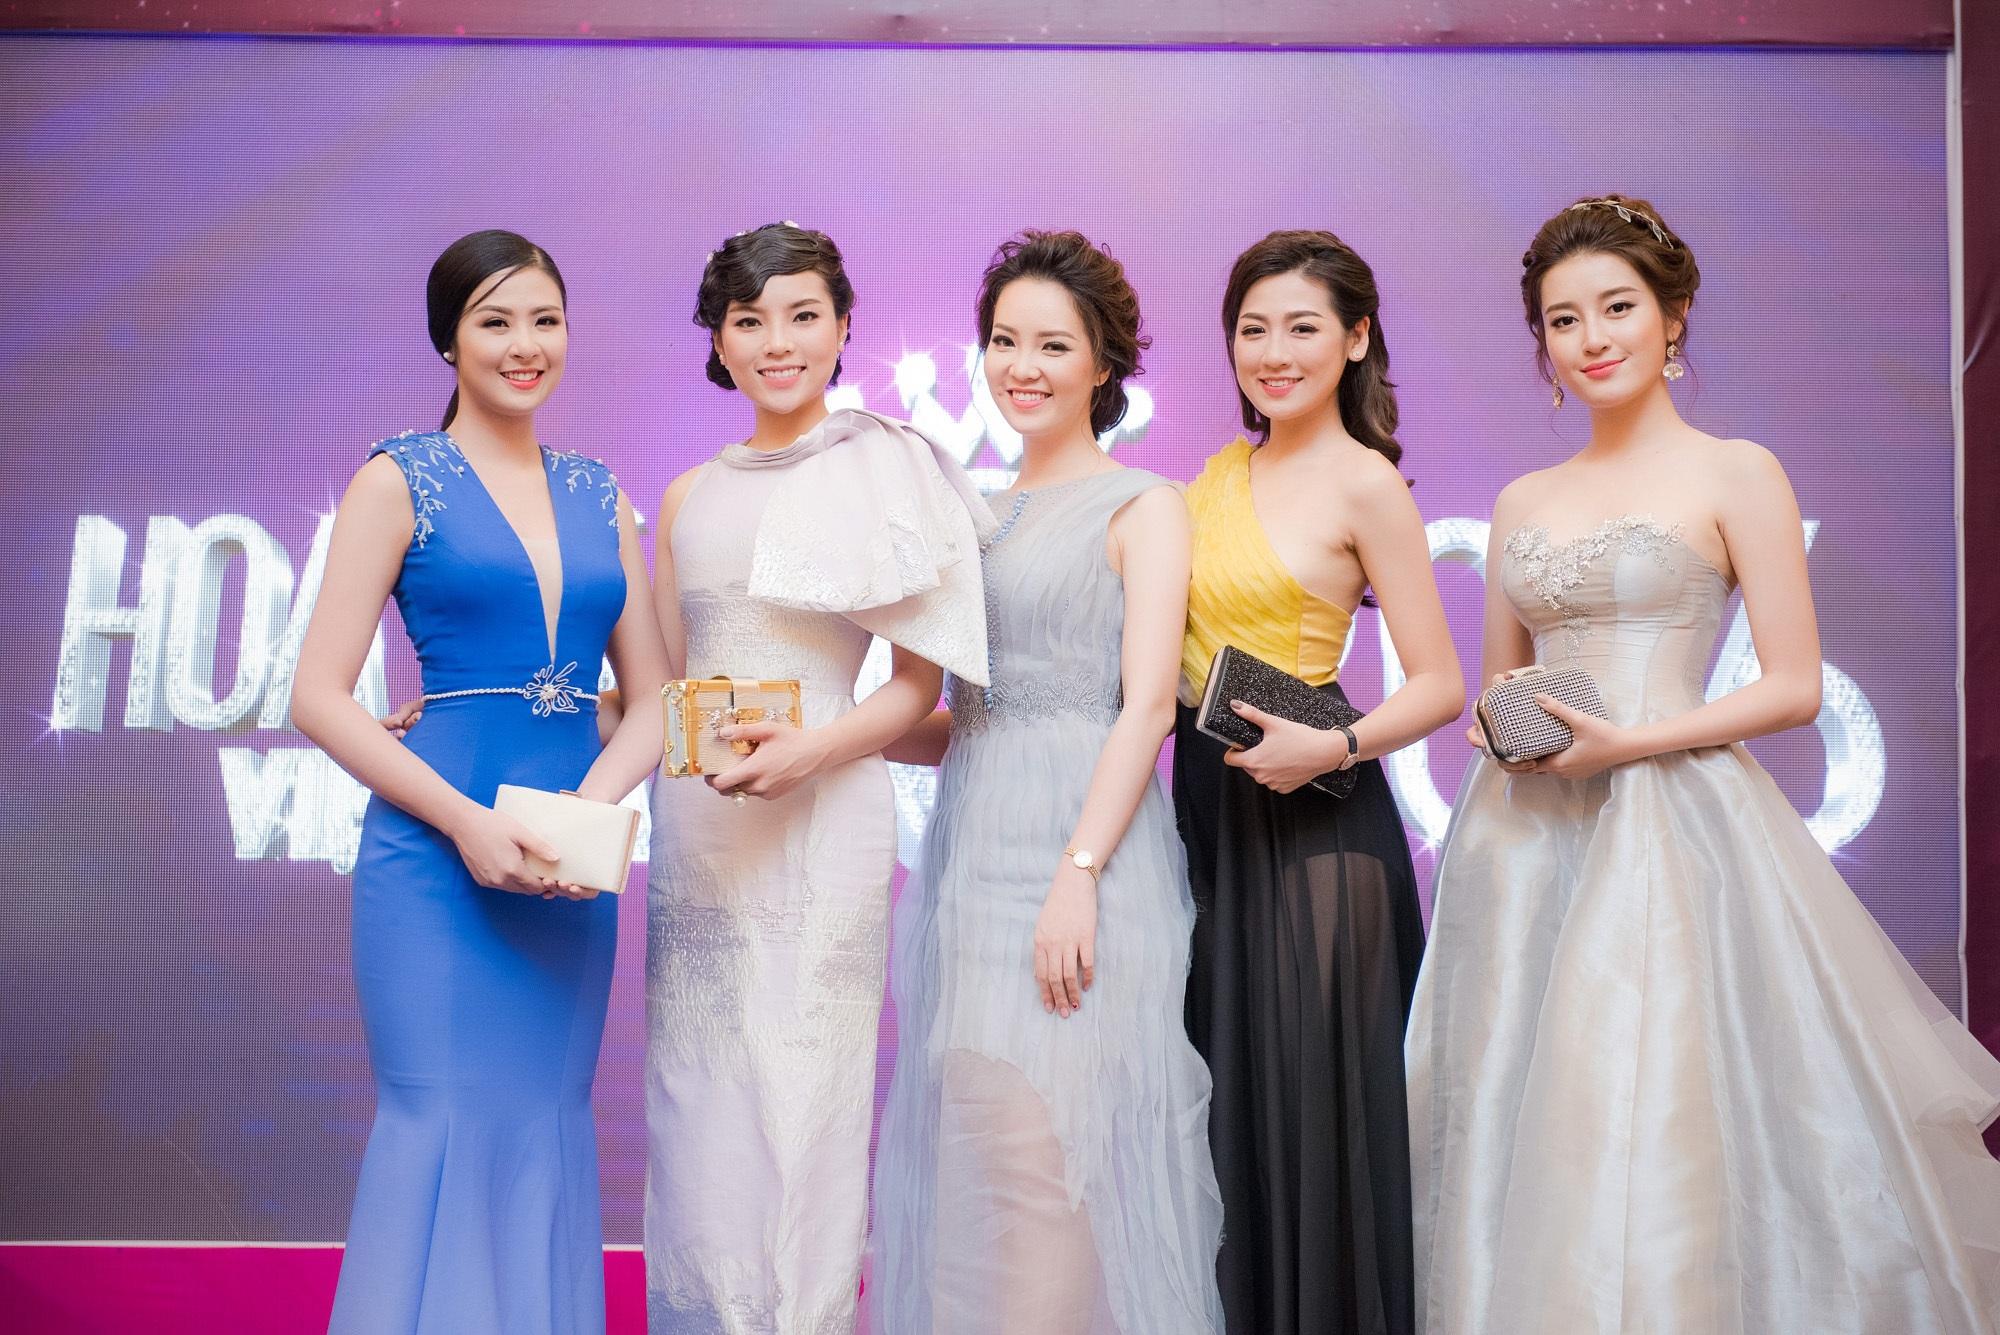 Hoa hậu Ngọc Hân, Kỳ Duyên, Á hậu Thuý Vân, Tú Anh, Huyền My đến tham dự họp báo. Ảnh: CL.